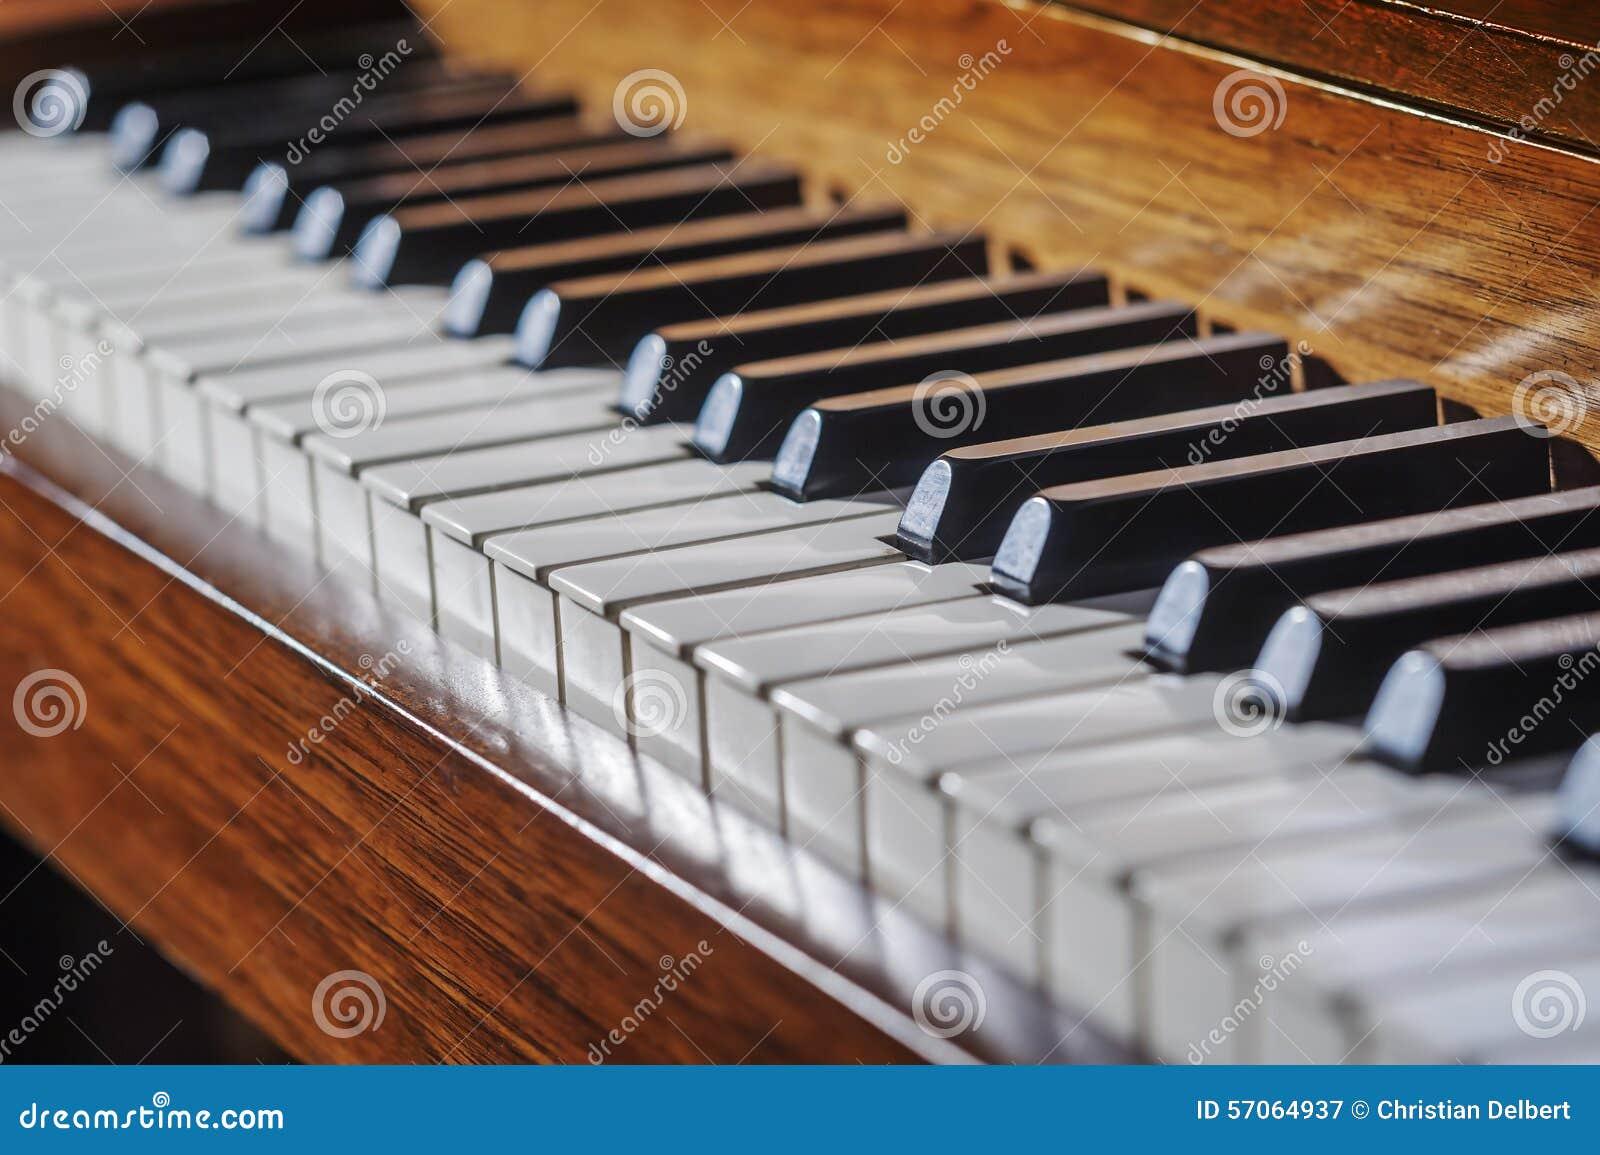 黑色键盘键钢琴行空白木